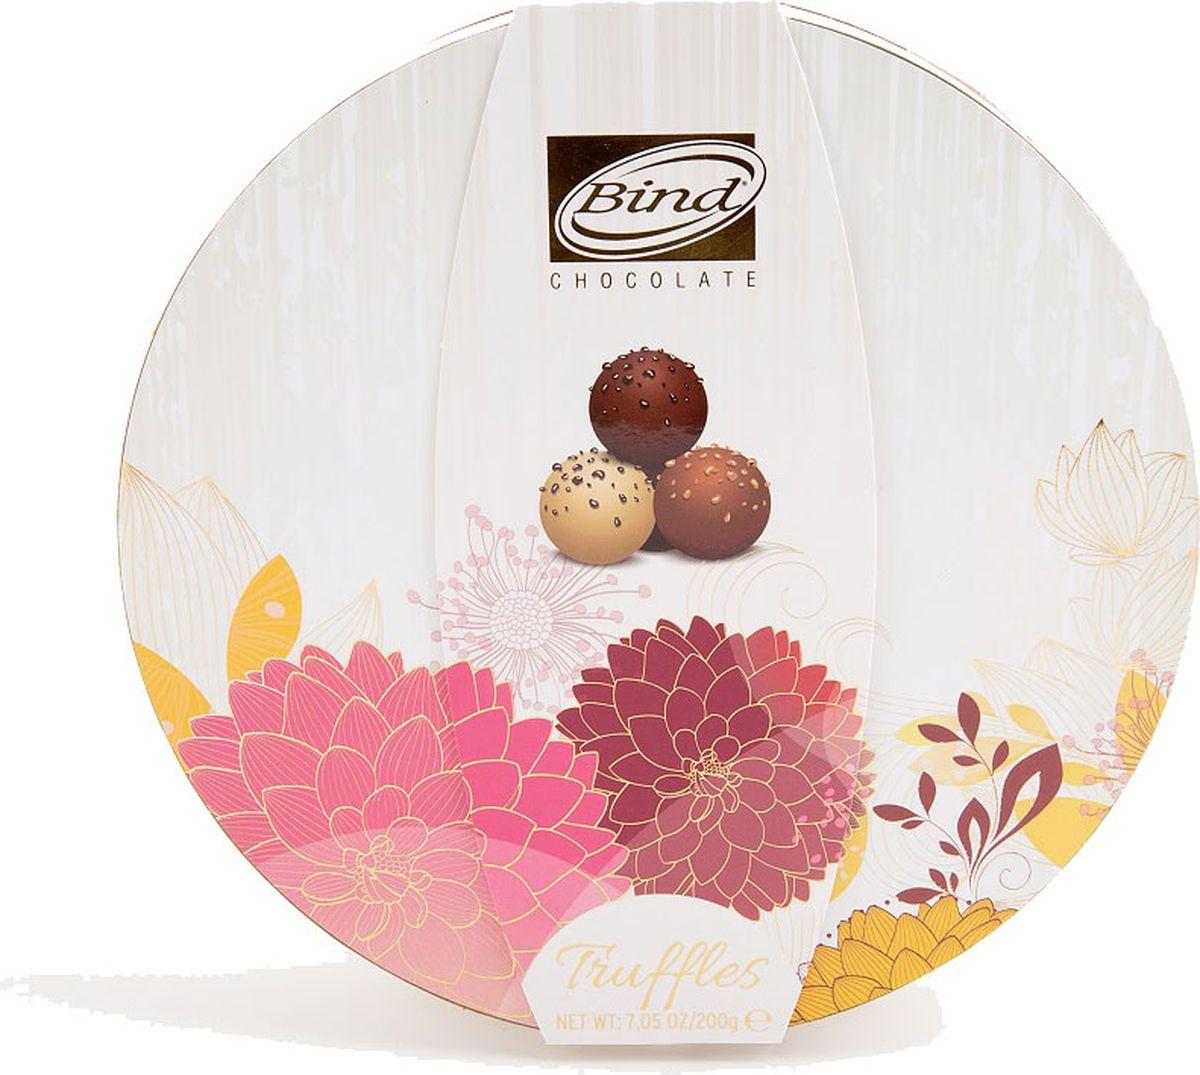 Bind Трюфель набор шоколадных конфет, 200 гPCK-6121Набор шоколадных конфет Трюфель.